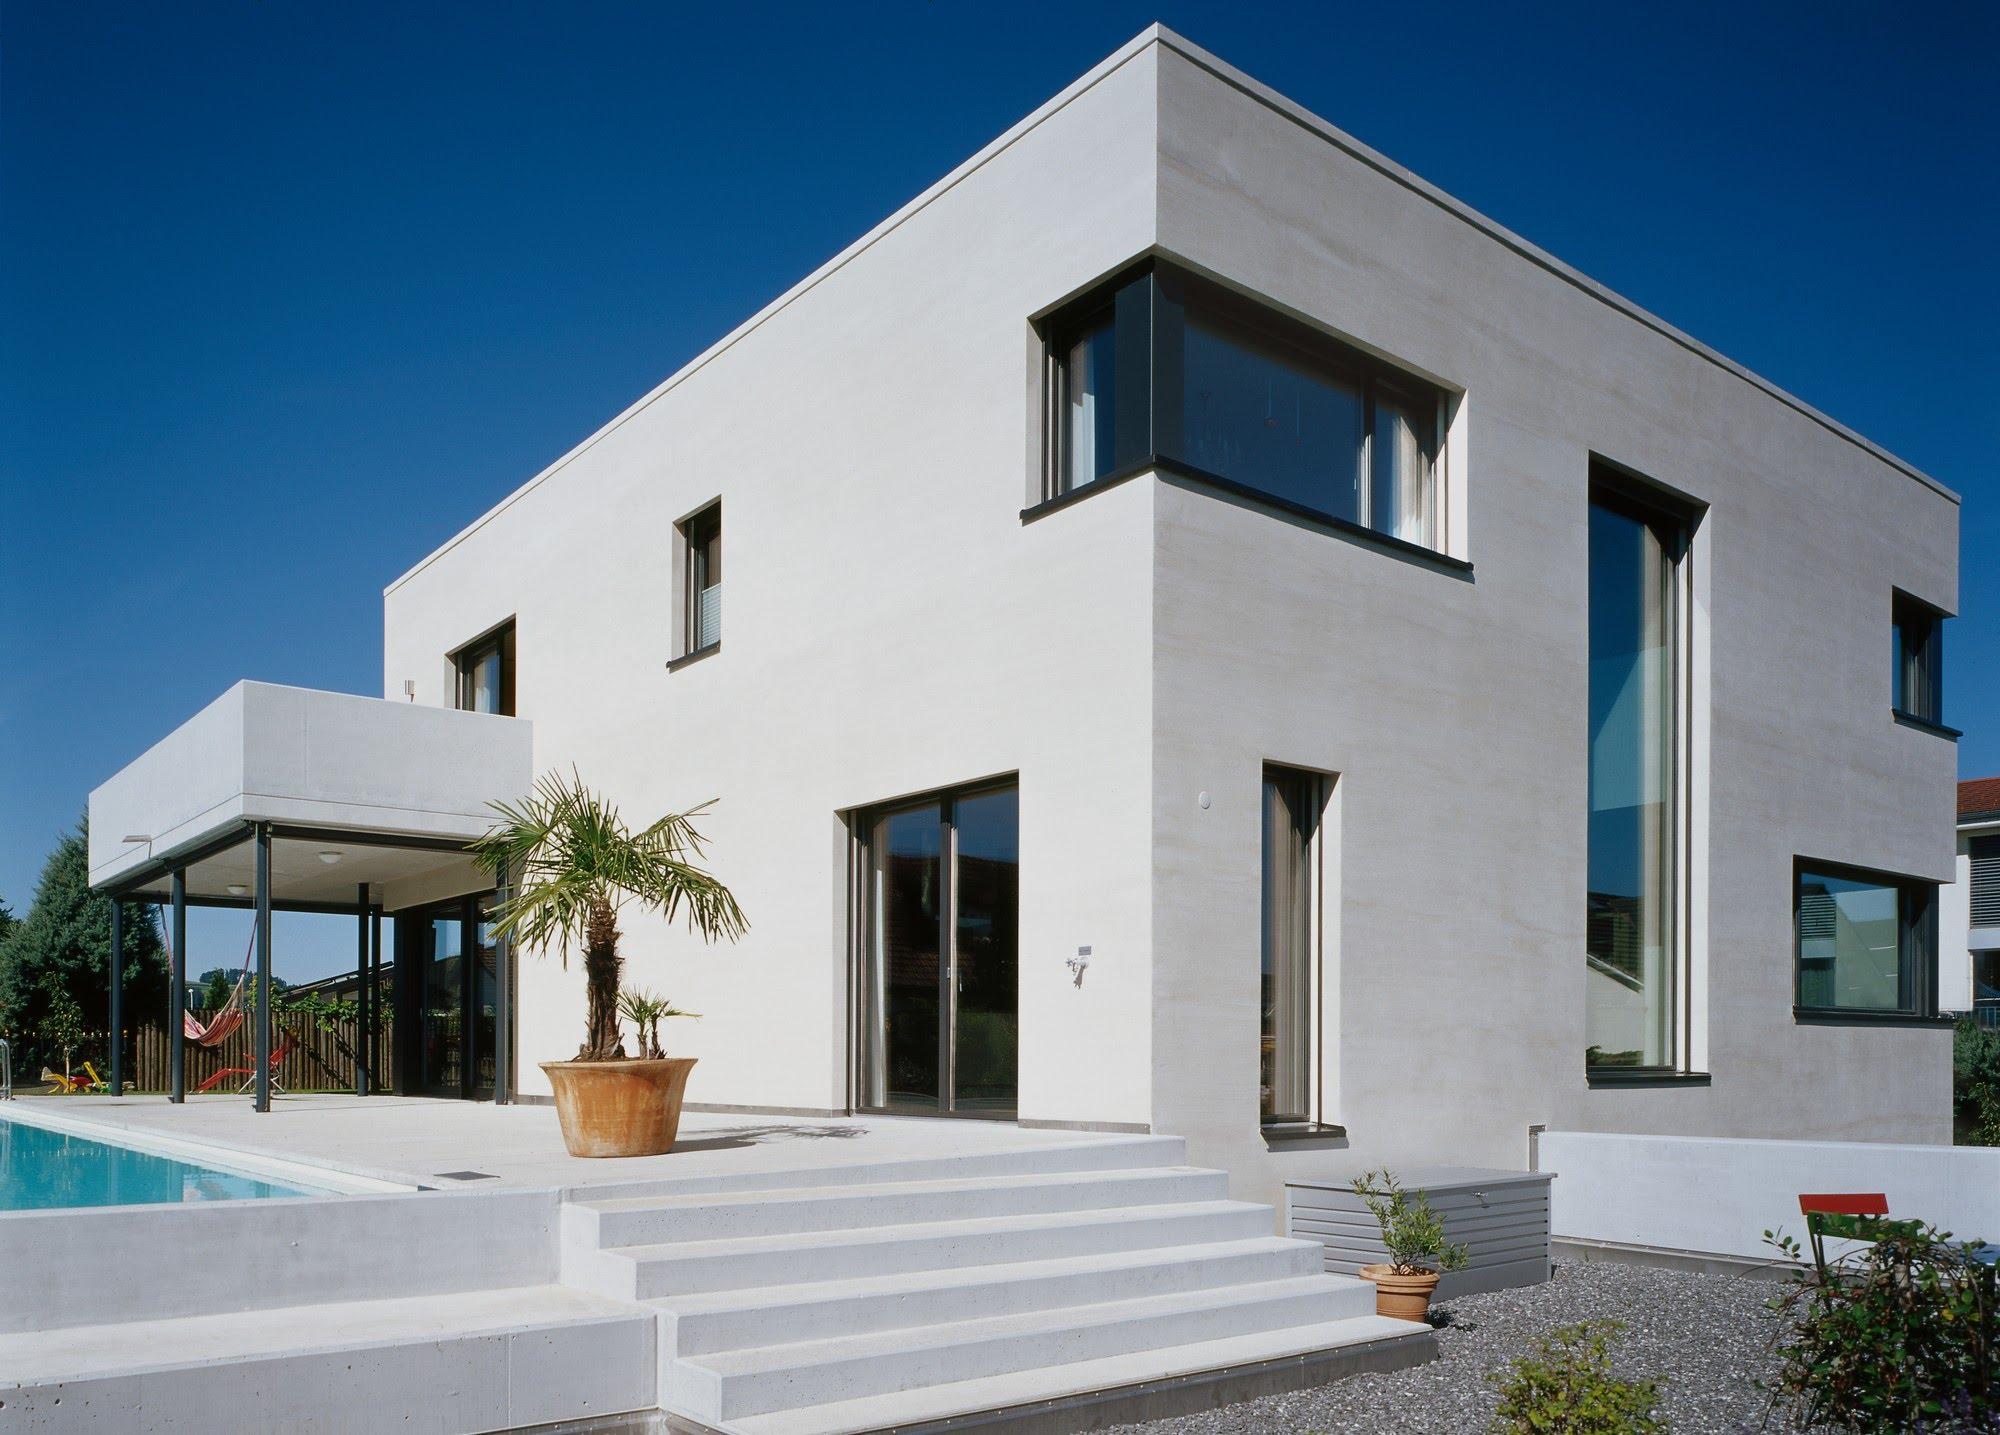 Wohnen EFH EFH in Seehäusern Architektur,Wohnungsbau,Wohnhäuser,Einfamilienhäuser,Mehrfamilienhäuser